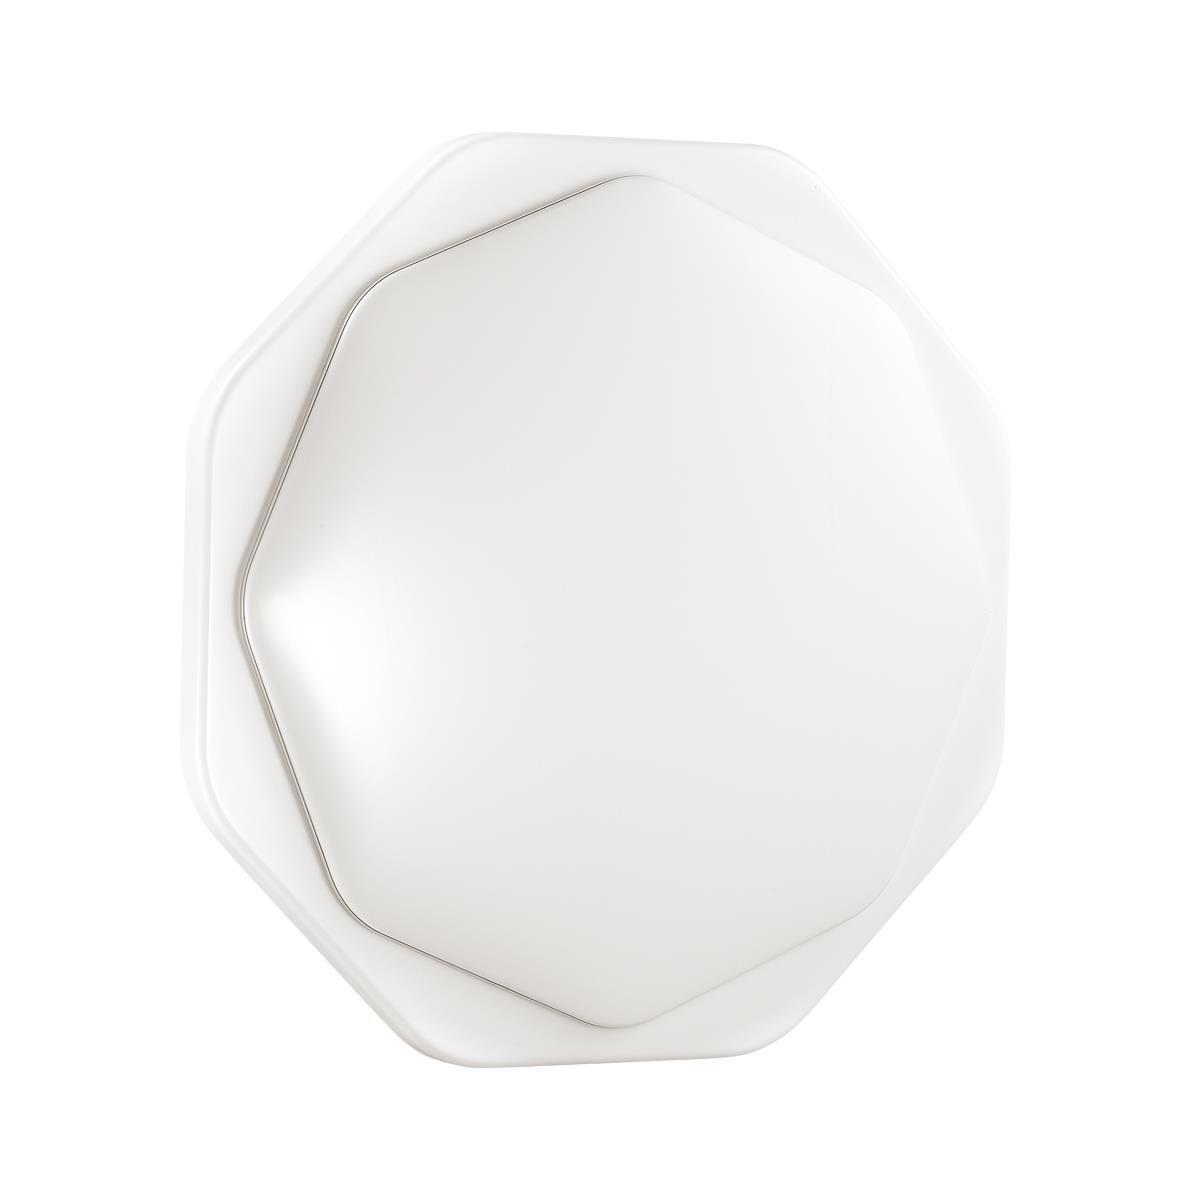 Настенно-потолочный светильник Sonex VESTA 3002/DL, LED, 48 Вт